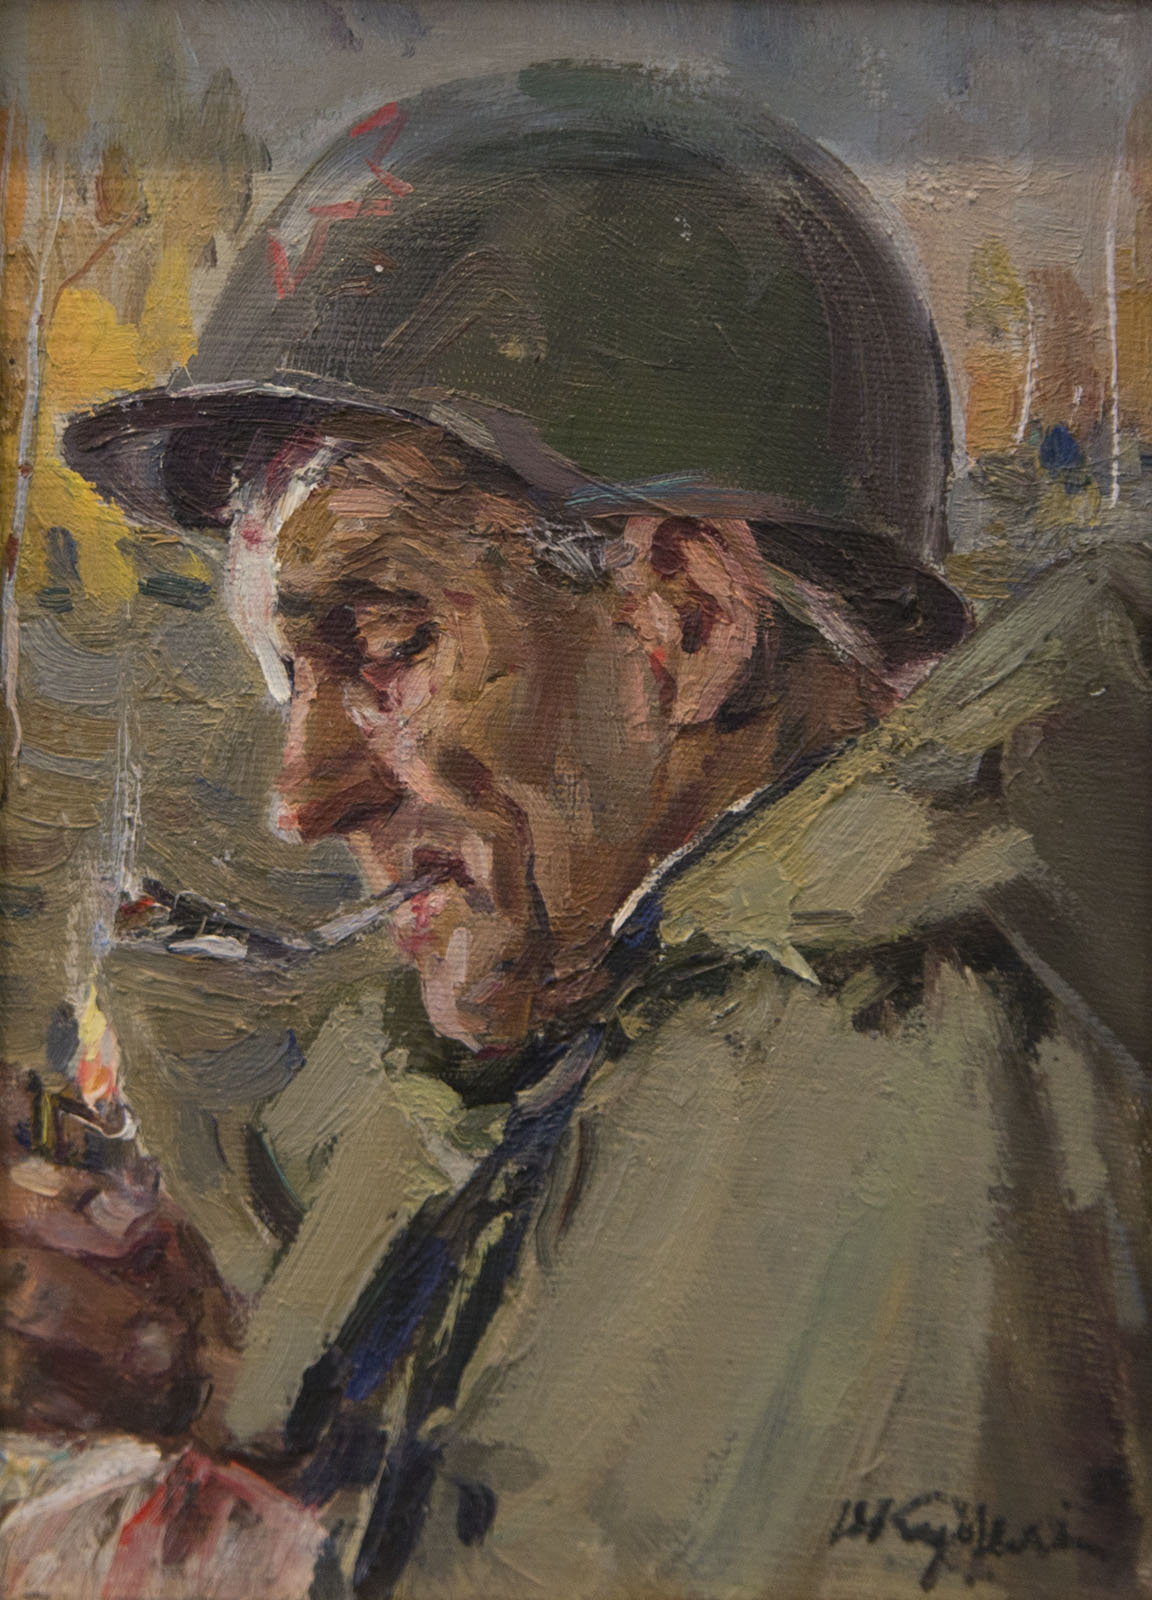 Фото №75721. Солдат, этюд, 1945, холст, масло